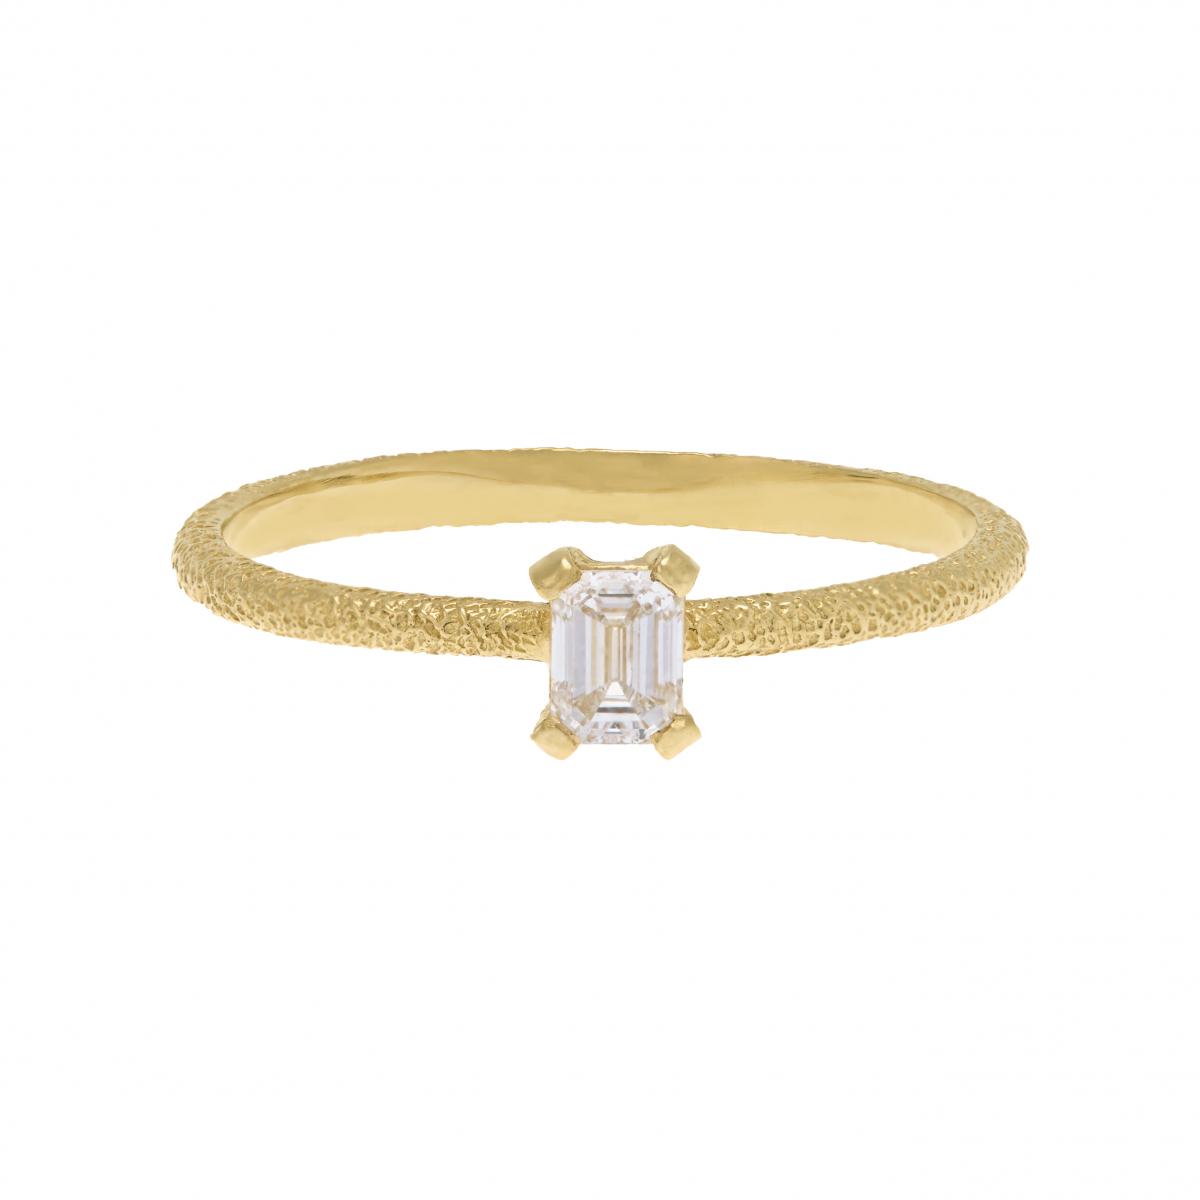 リング〈K18YG、ダイヤモンド0.25ct〉¥285,000